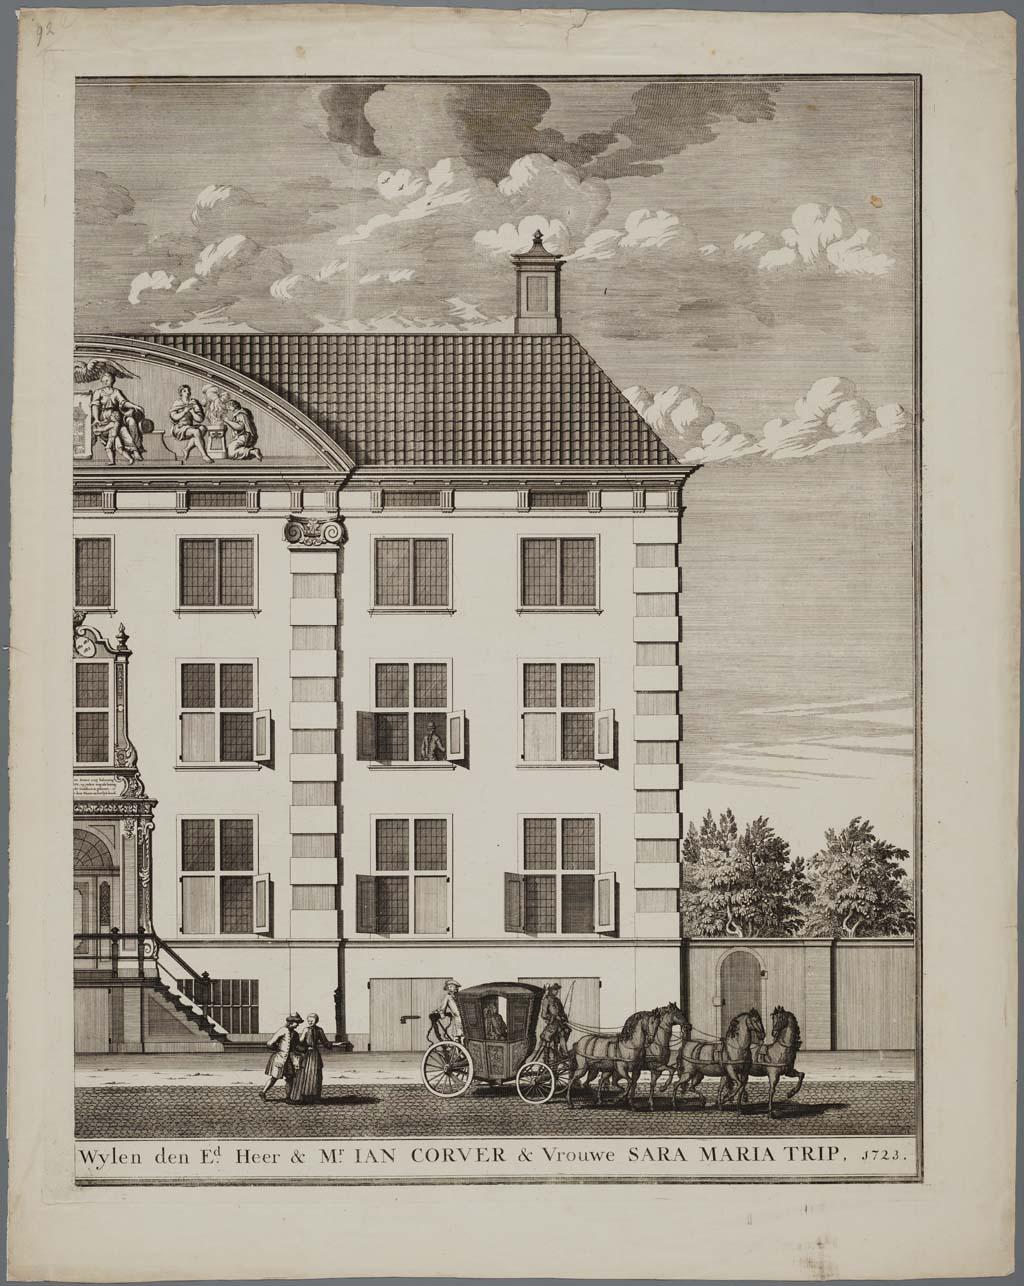 Het diaconie Gebou gestigt uyt de Erfenisse op bevel en ter gedagtenisse van Wylen den Ed. Heer en Mr. Ian Corver & Vrouwe Sara Maria Trip, 1723, 2-delige prent van het Corvershof, Nieuwe Heerengracht, Amsterdam (voorzijde)(rechterhelft)